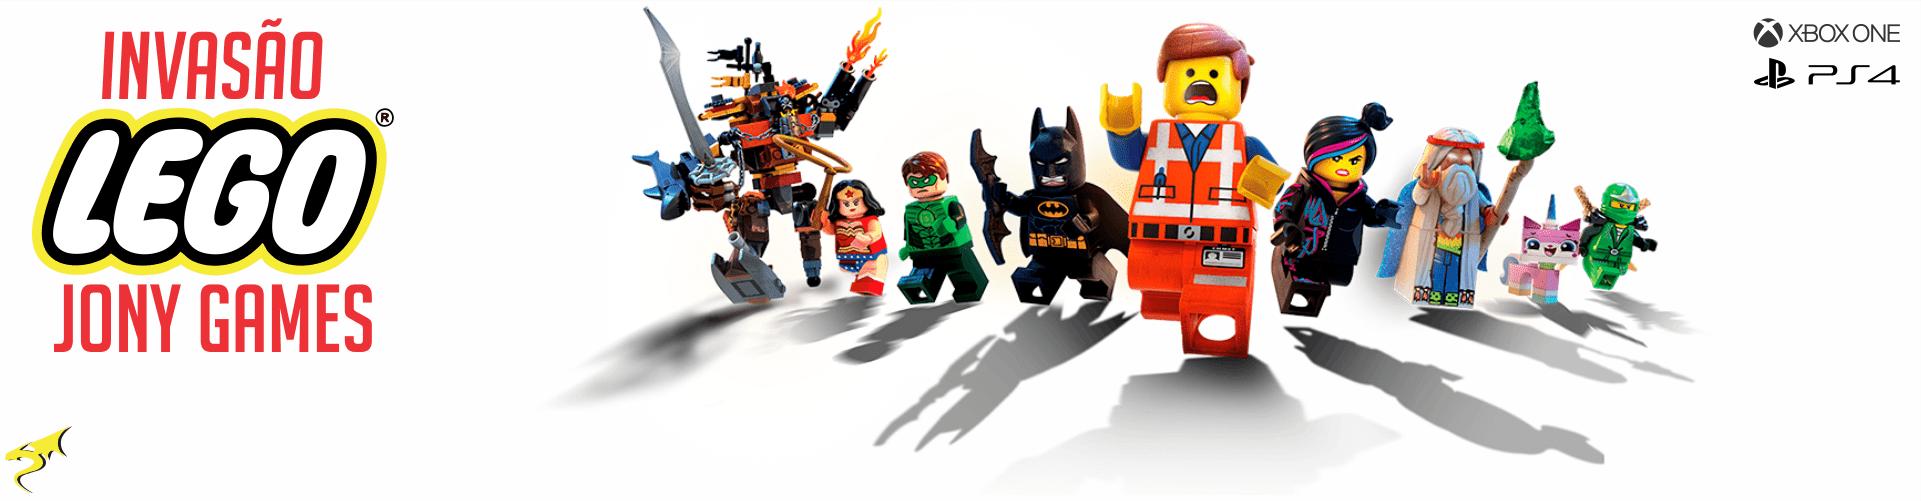 Invasão Lego Jony Games